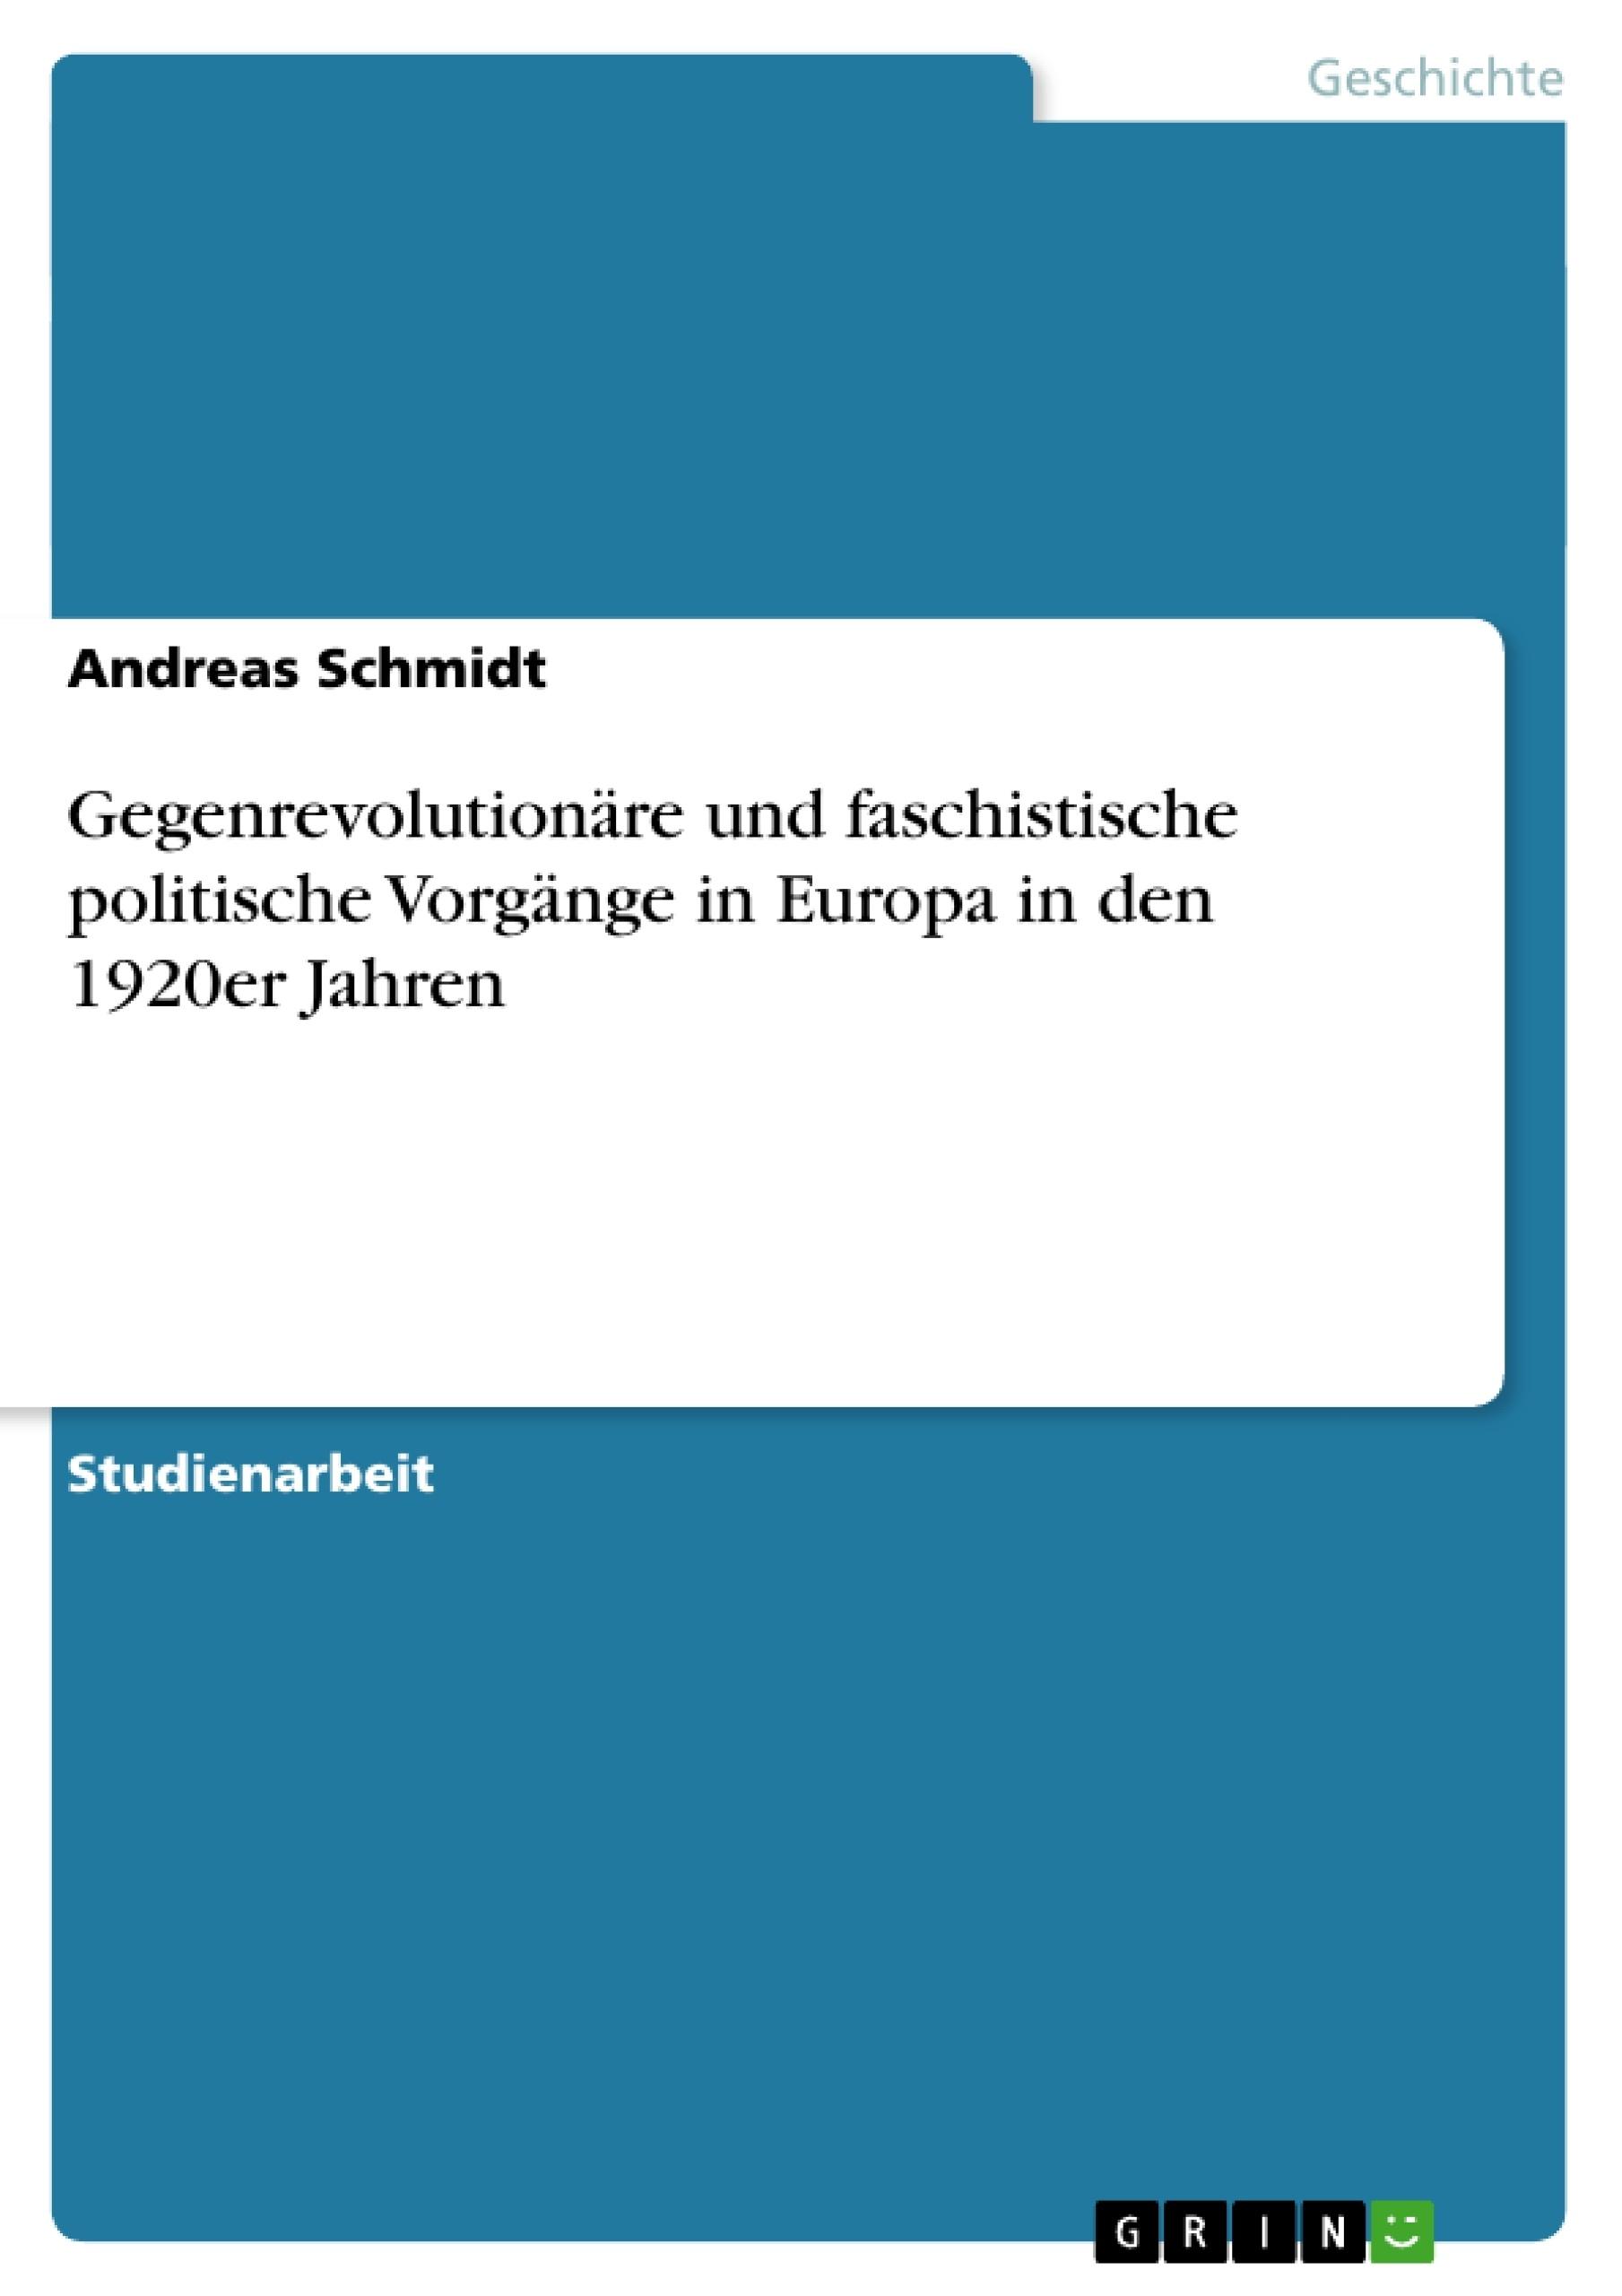 Titel: Gegenrevolutionäre und faschistische politische Vorgänge in Europa in den 1920er Jahren